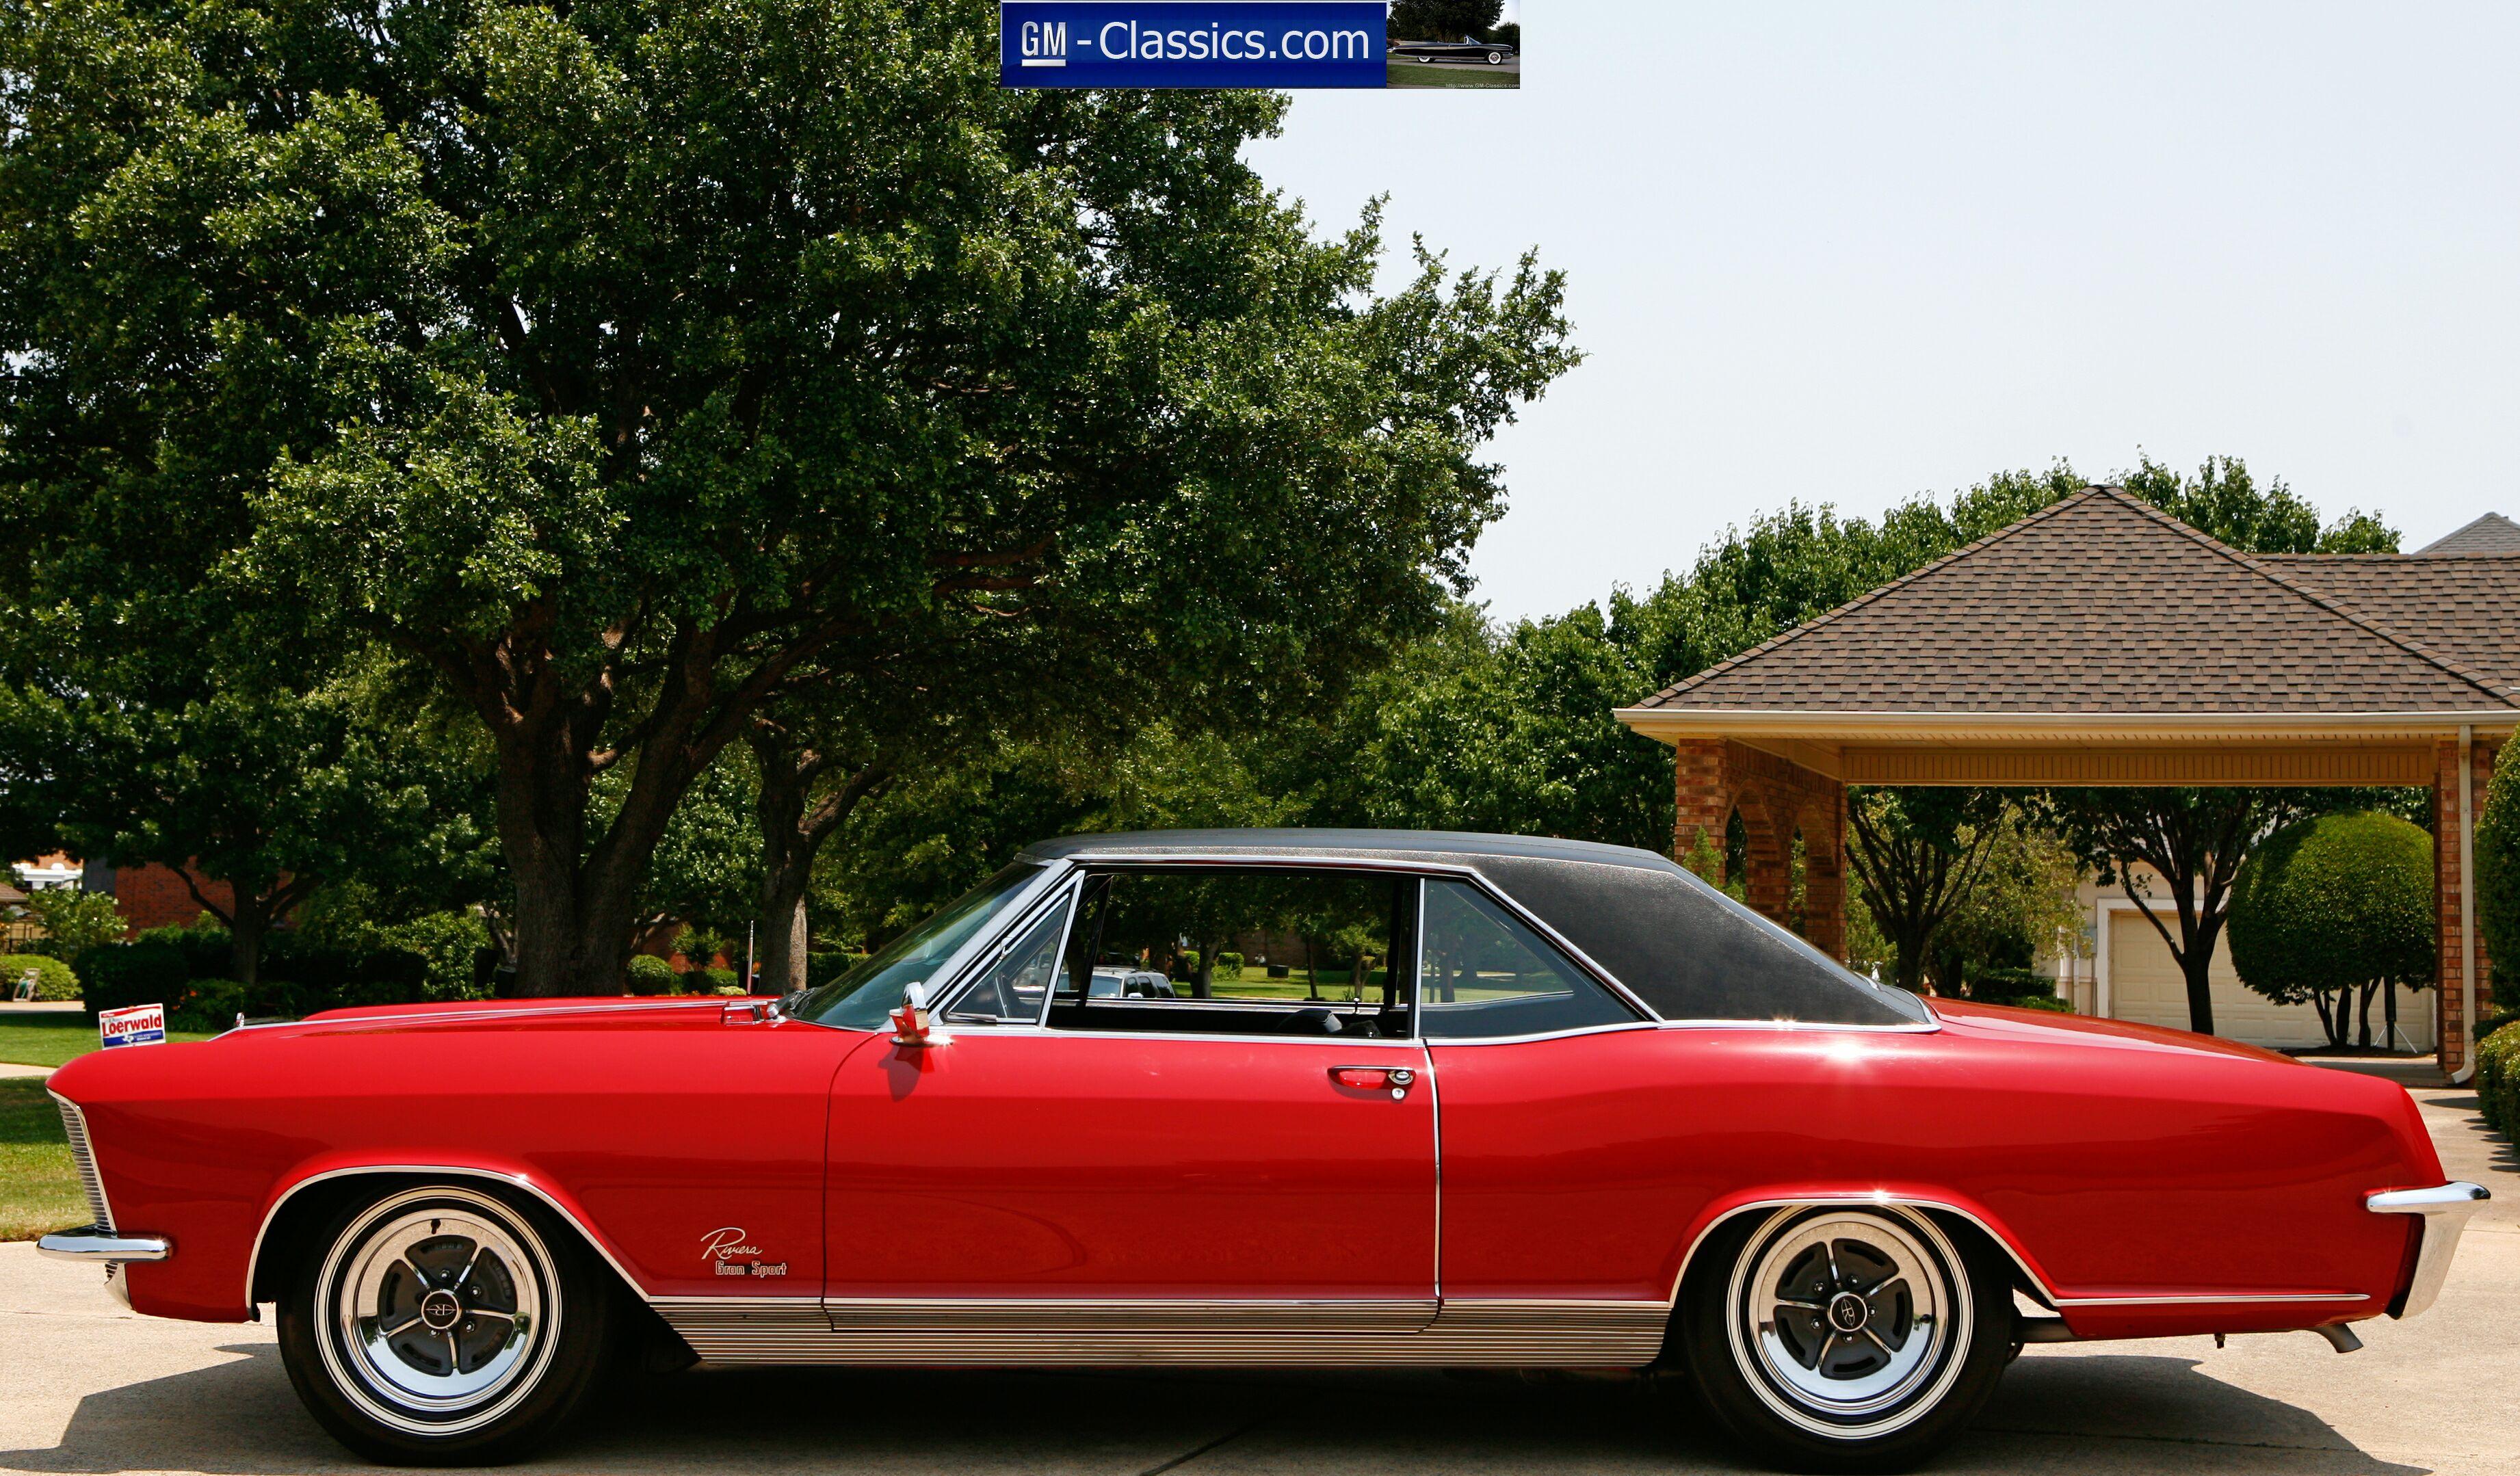 1965 Buick Riviera Gs Matt Garrett